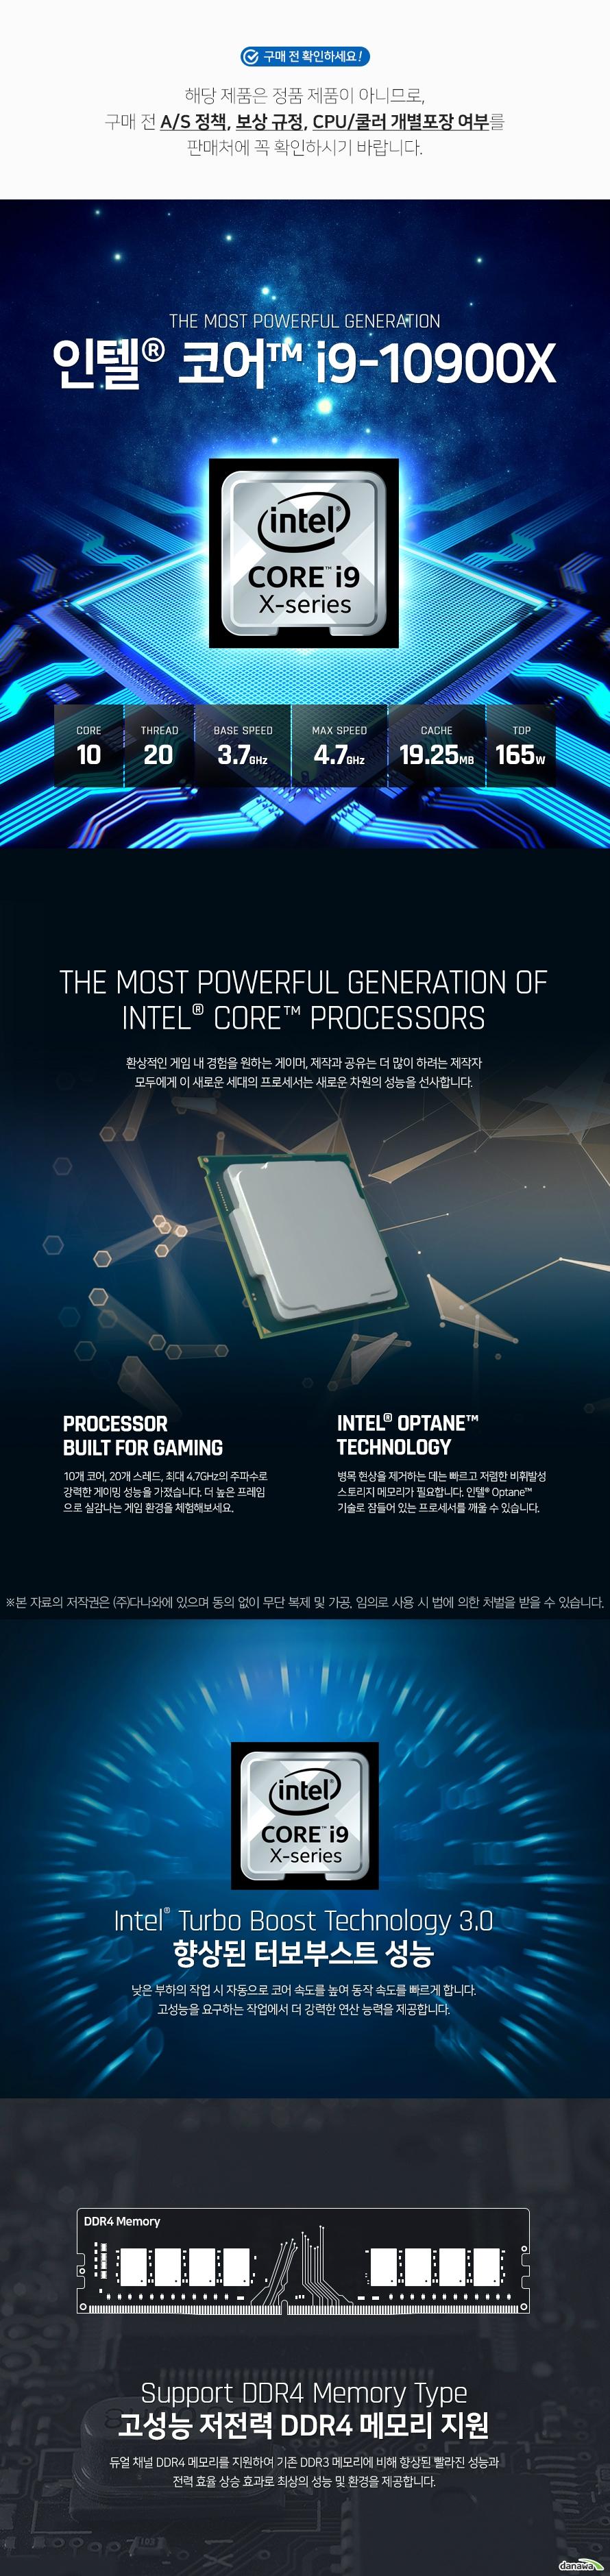 인텔 코어X-시리즈 i9-10900X (캐스케이드레이크) (벌크)